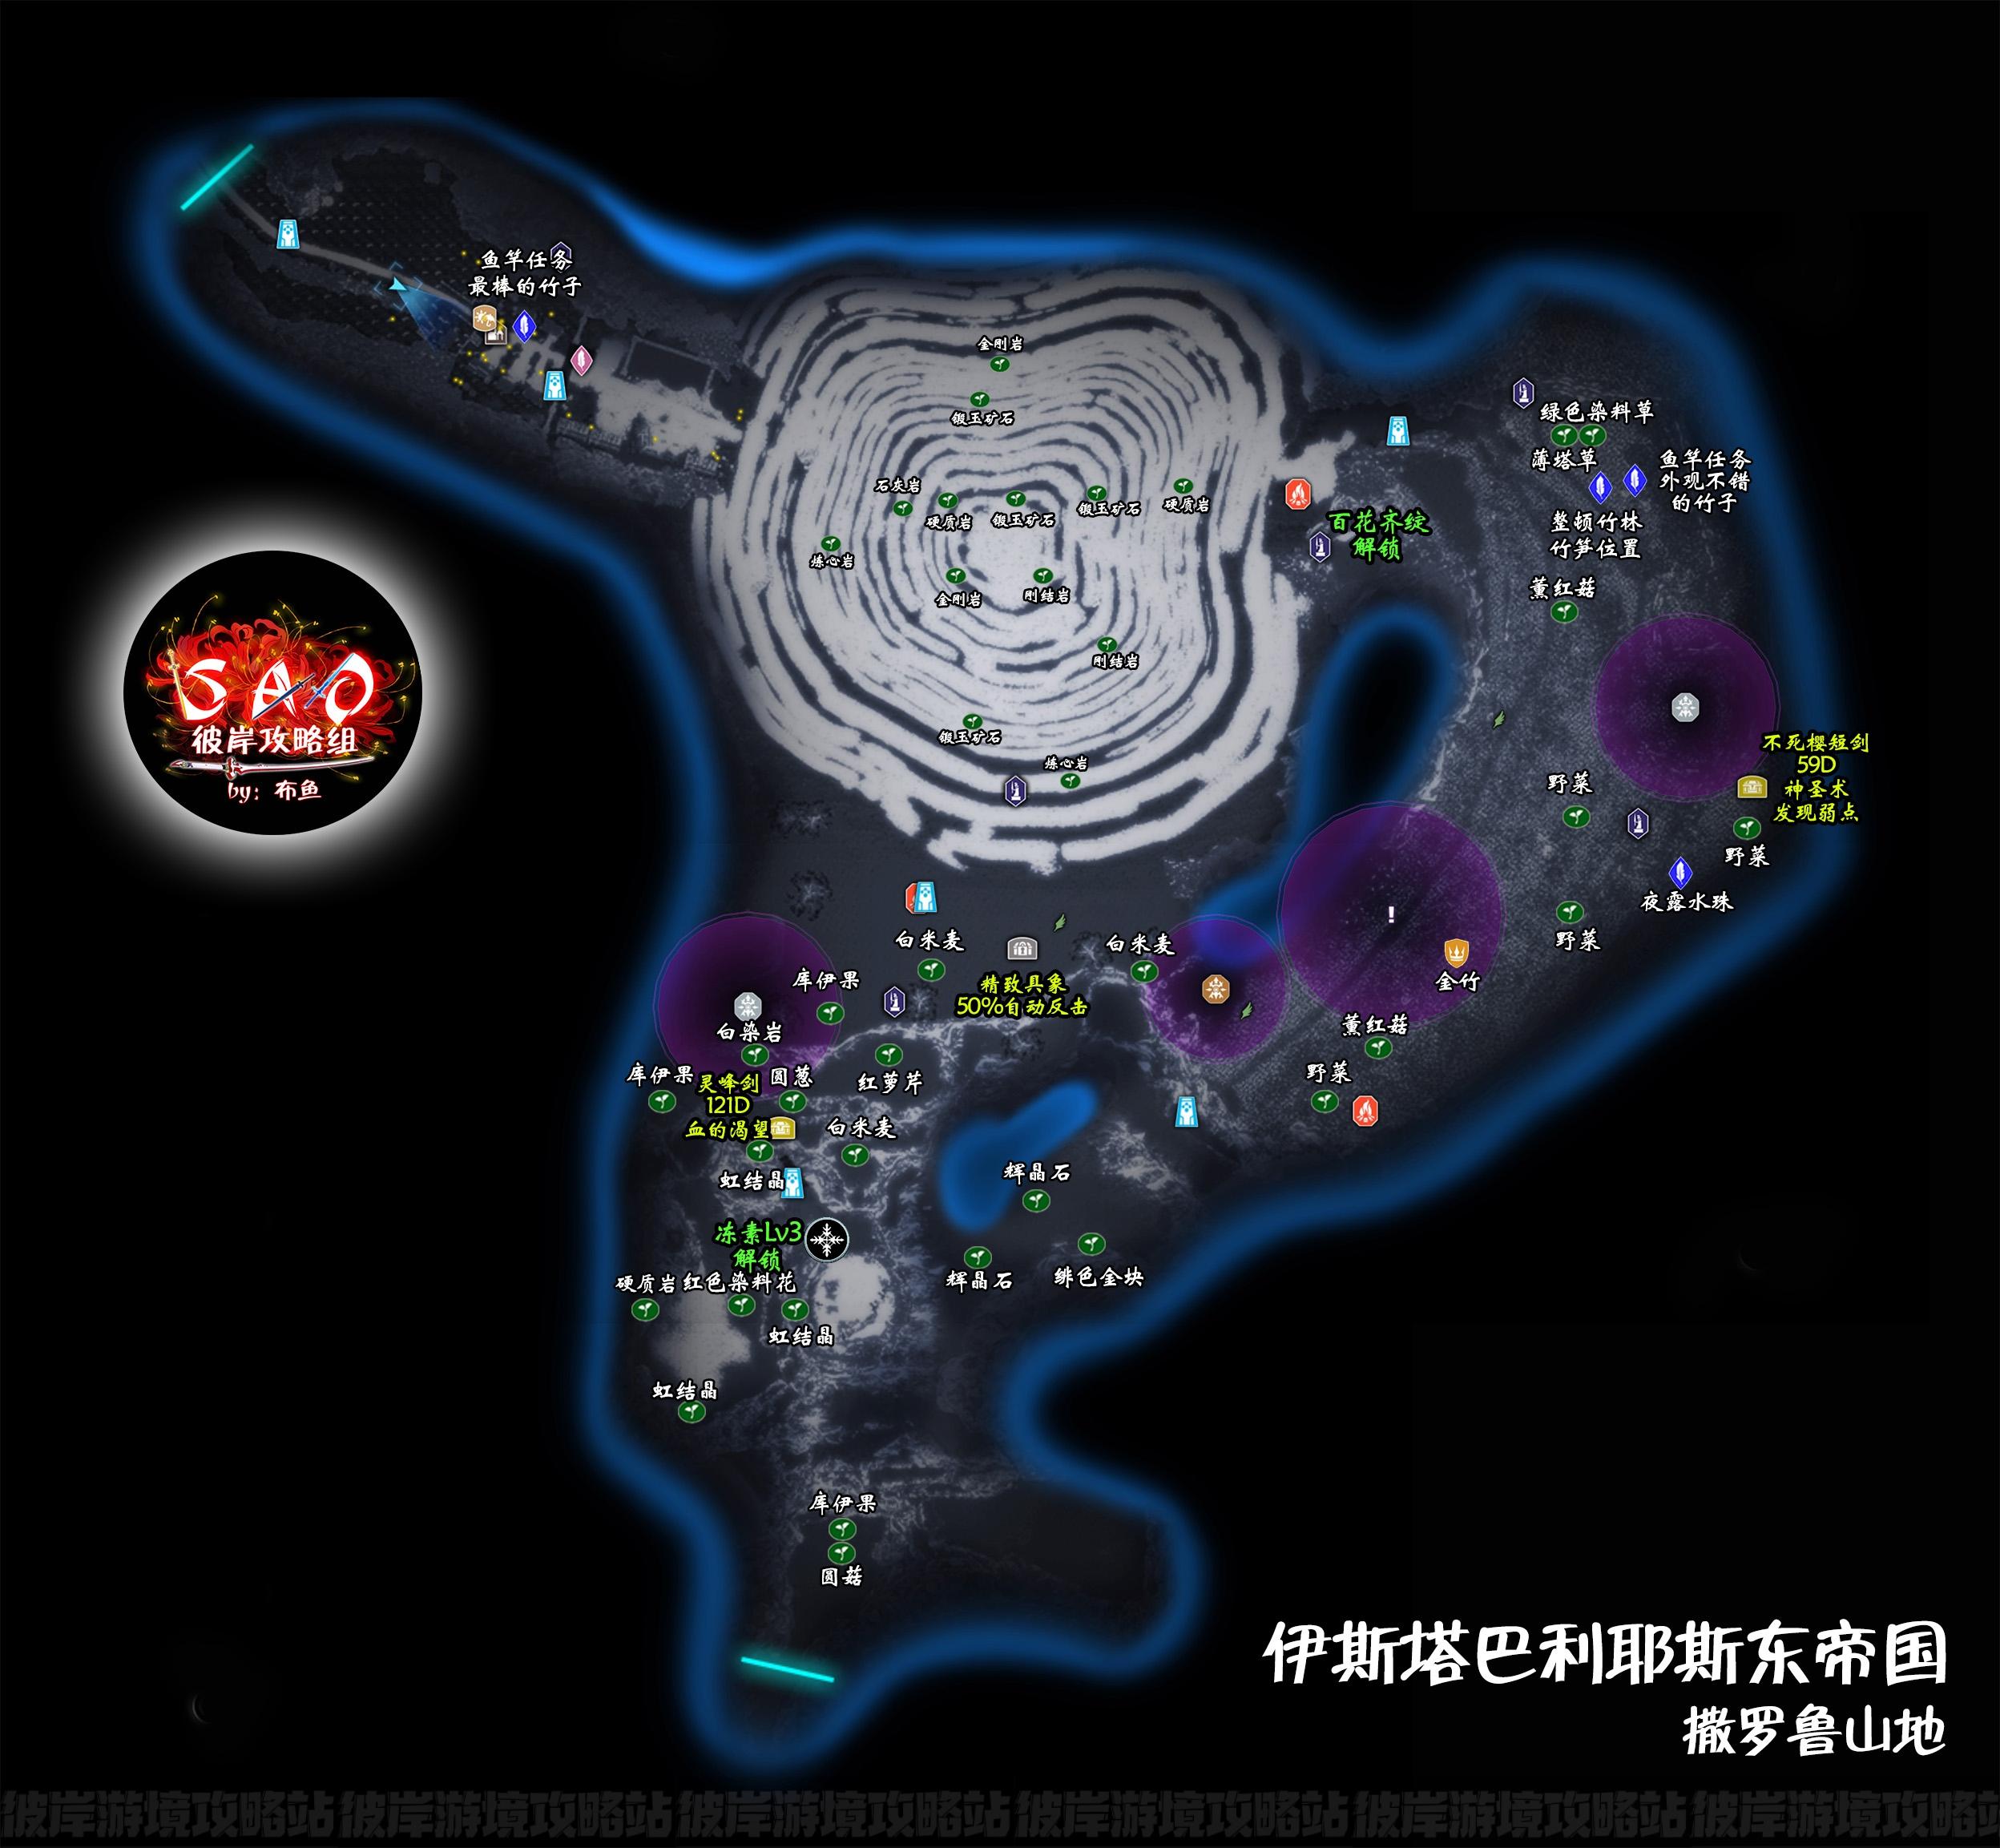 【SAOAL攻略组】超完全流程地图攻略及新手指引-撒罗鲁山地篇-刀剑神域彼岸游境攻略站